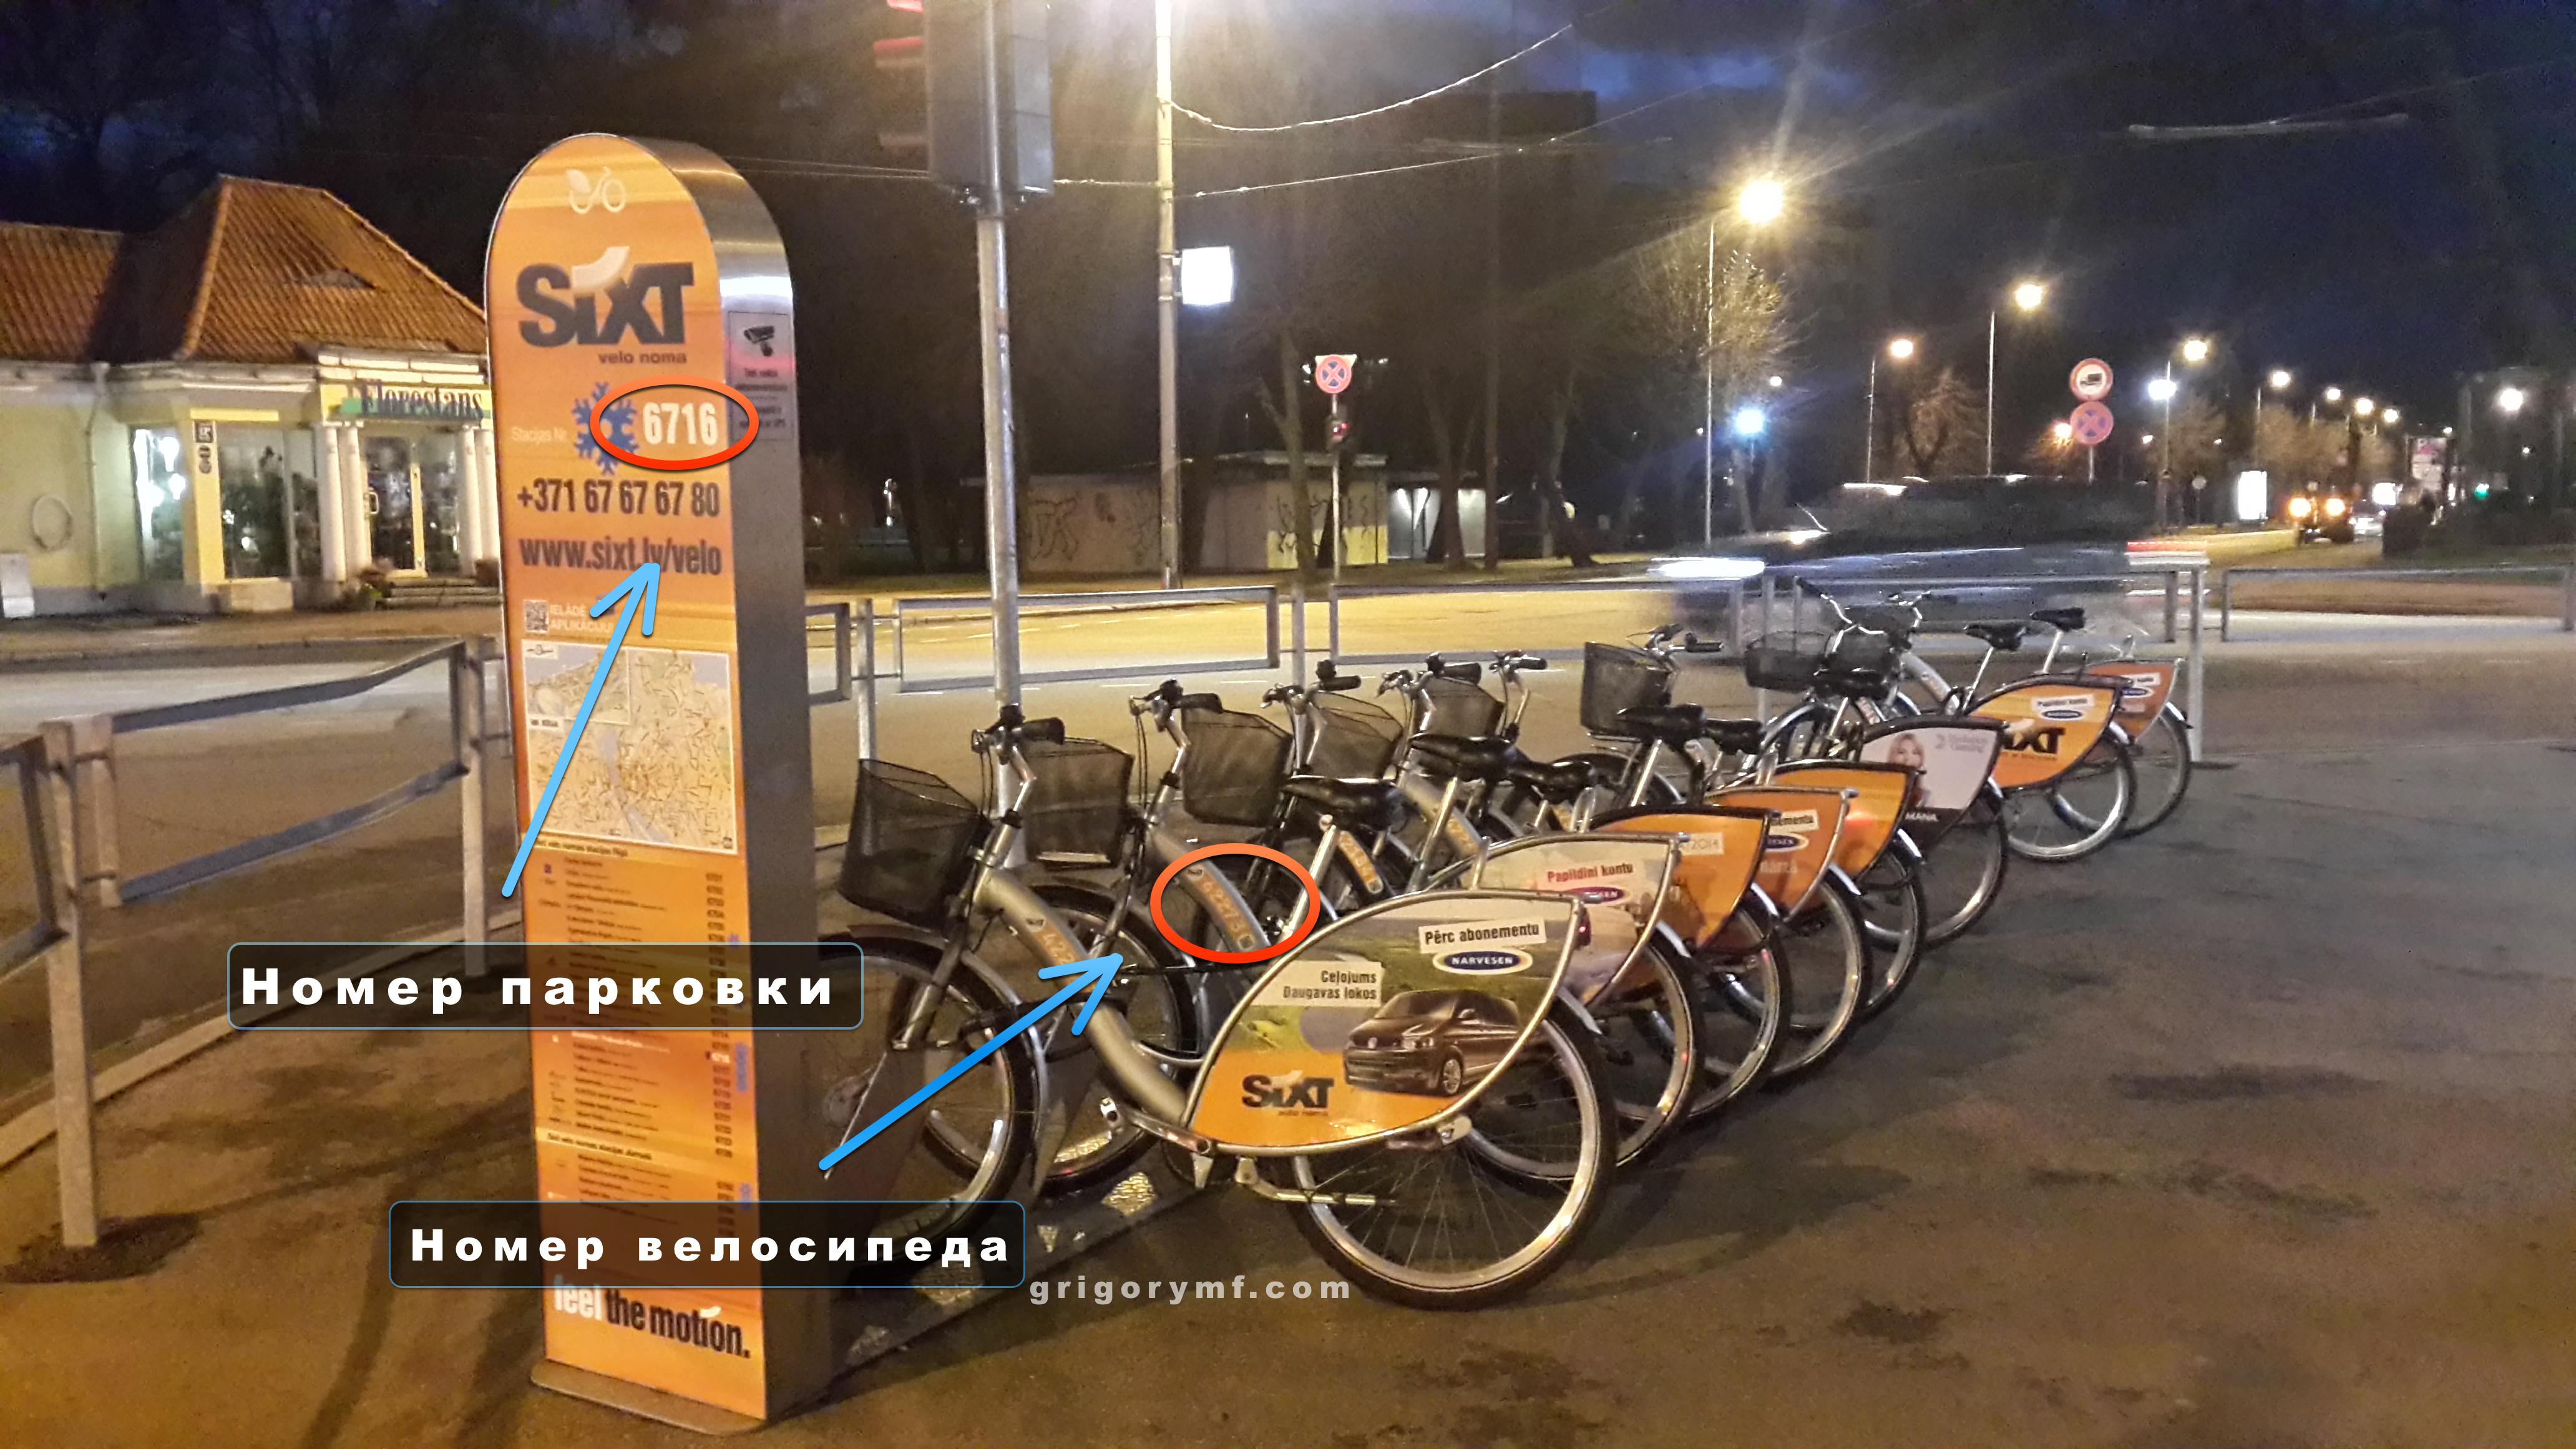 Как арендовать велосипед Sixt в Европе, велосипед европа, как взять в аренду велосипед в латвии